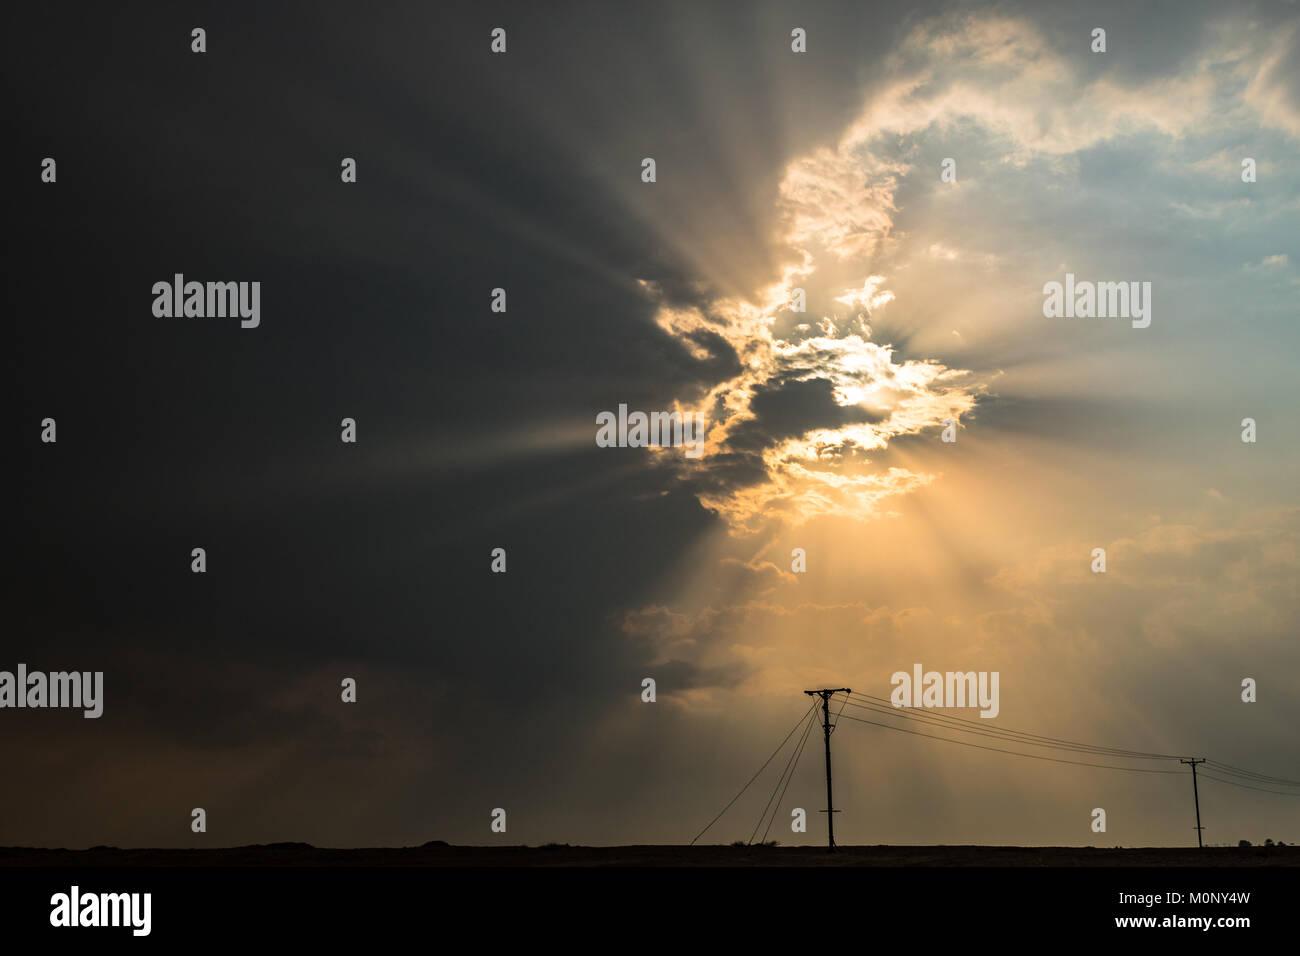 Oscurato dal cielo nuvoloso, la luce del sole forme incredibili sentieri di luce attraverso le nuvole Immagini Stock